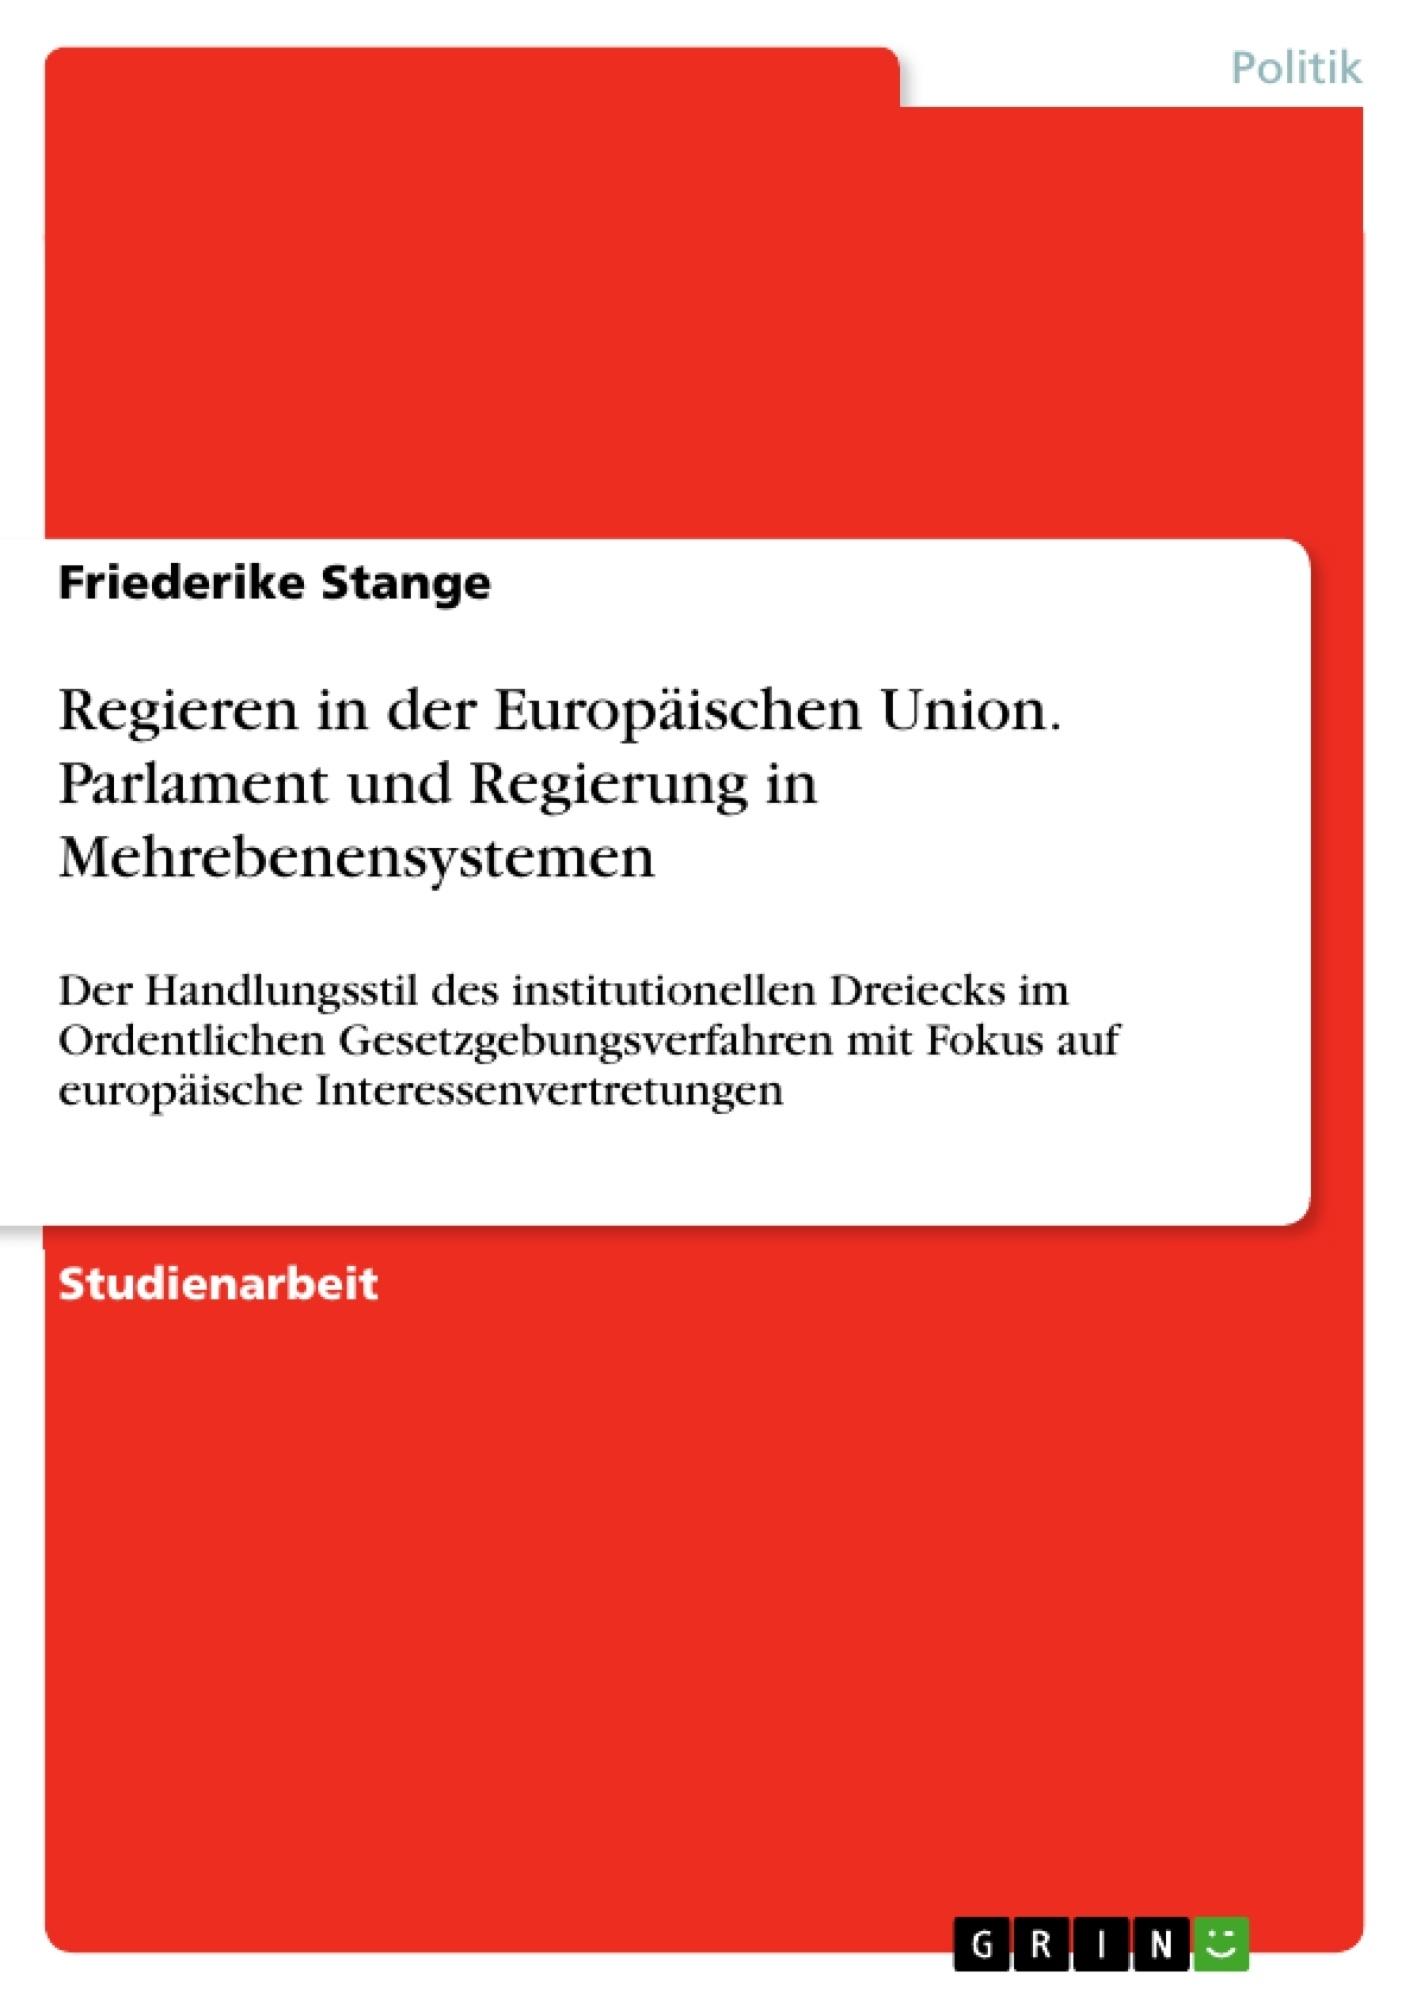 Titel: Regieren in der Europäischen Union. Parlament und Regierung in Mehrebenensystemen